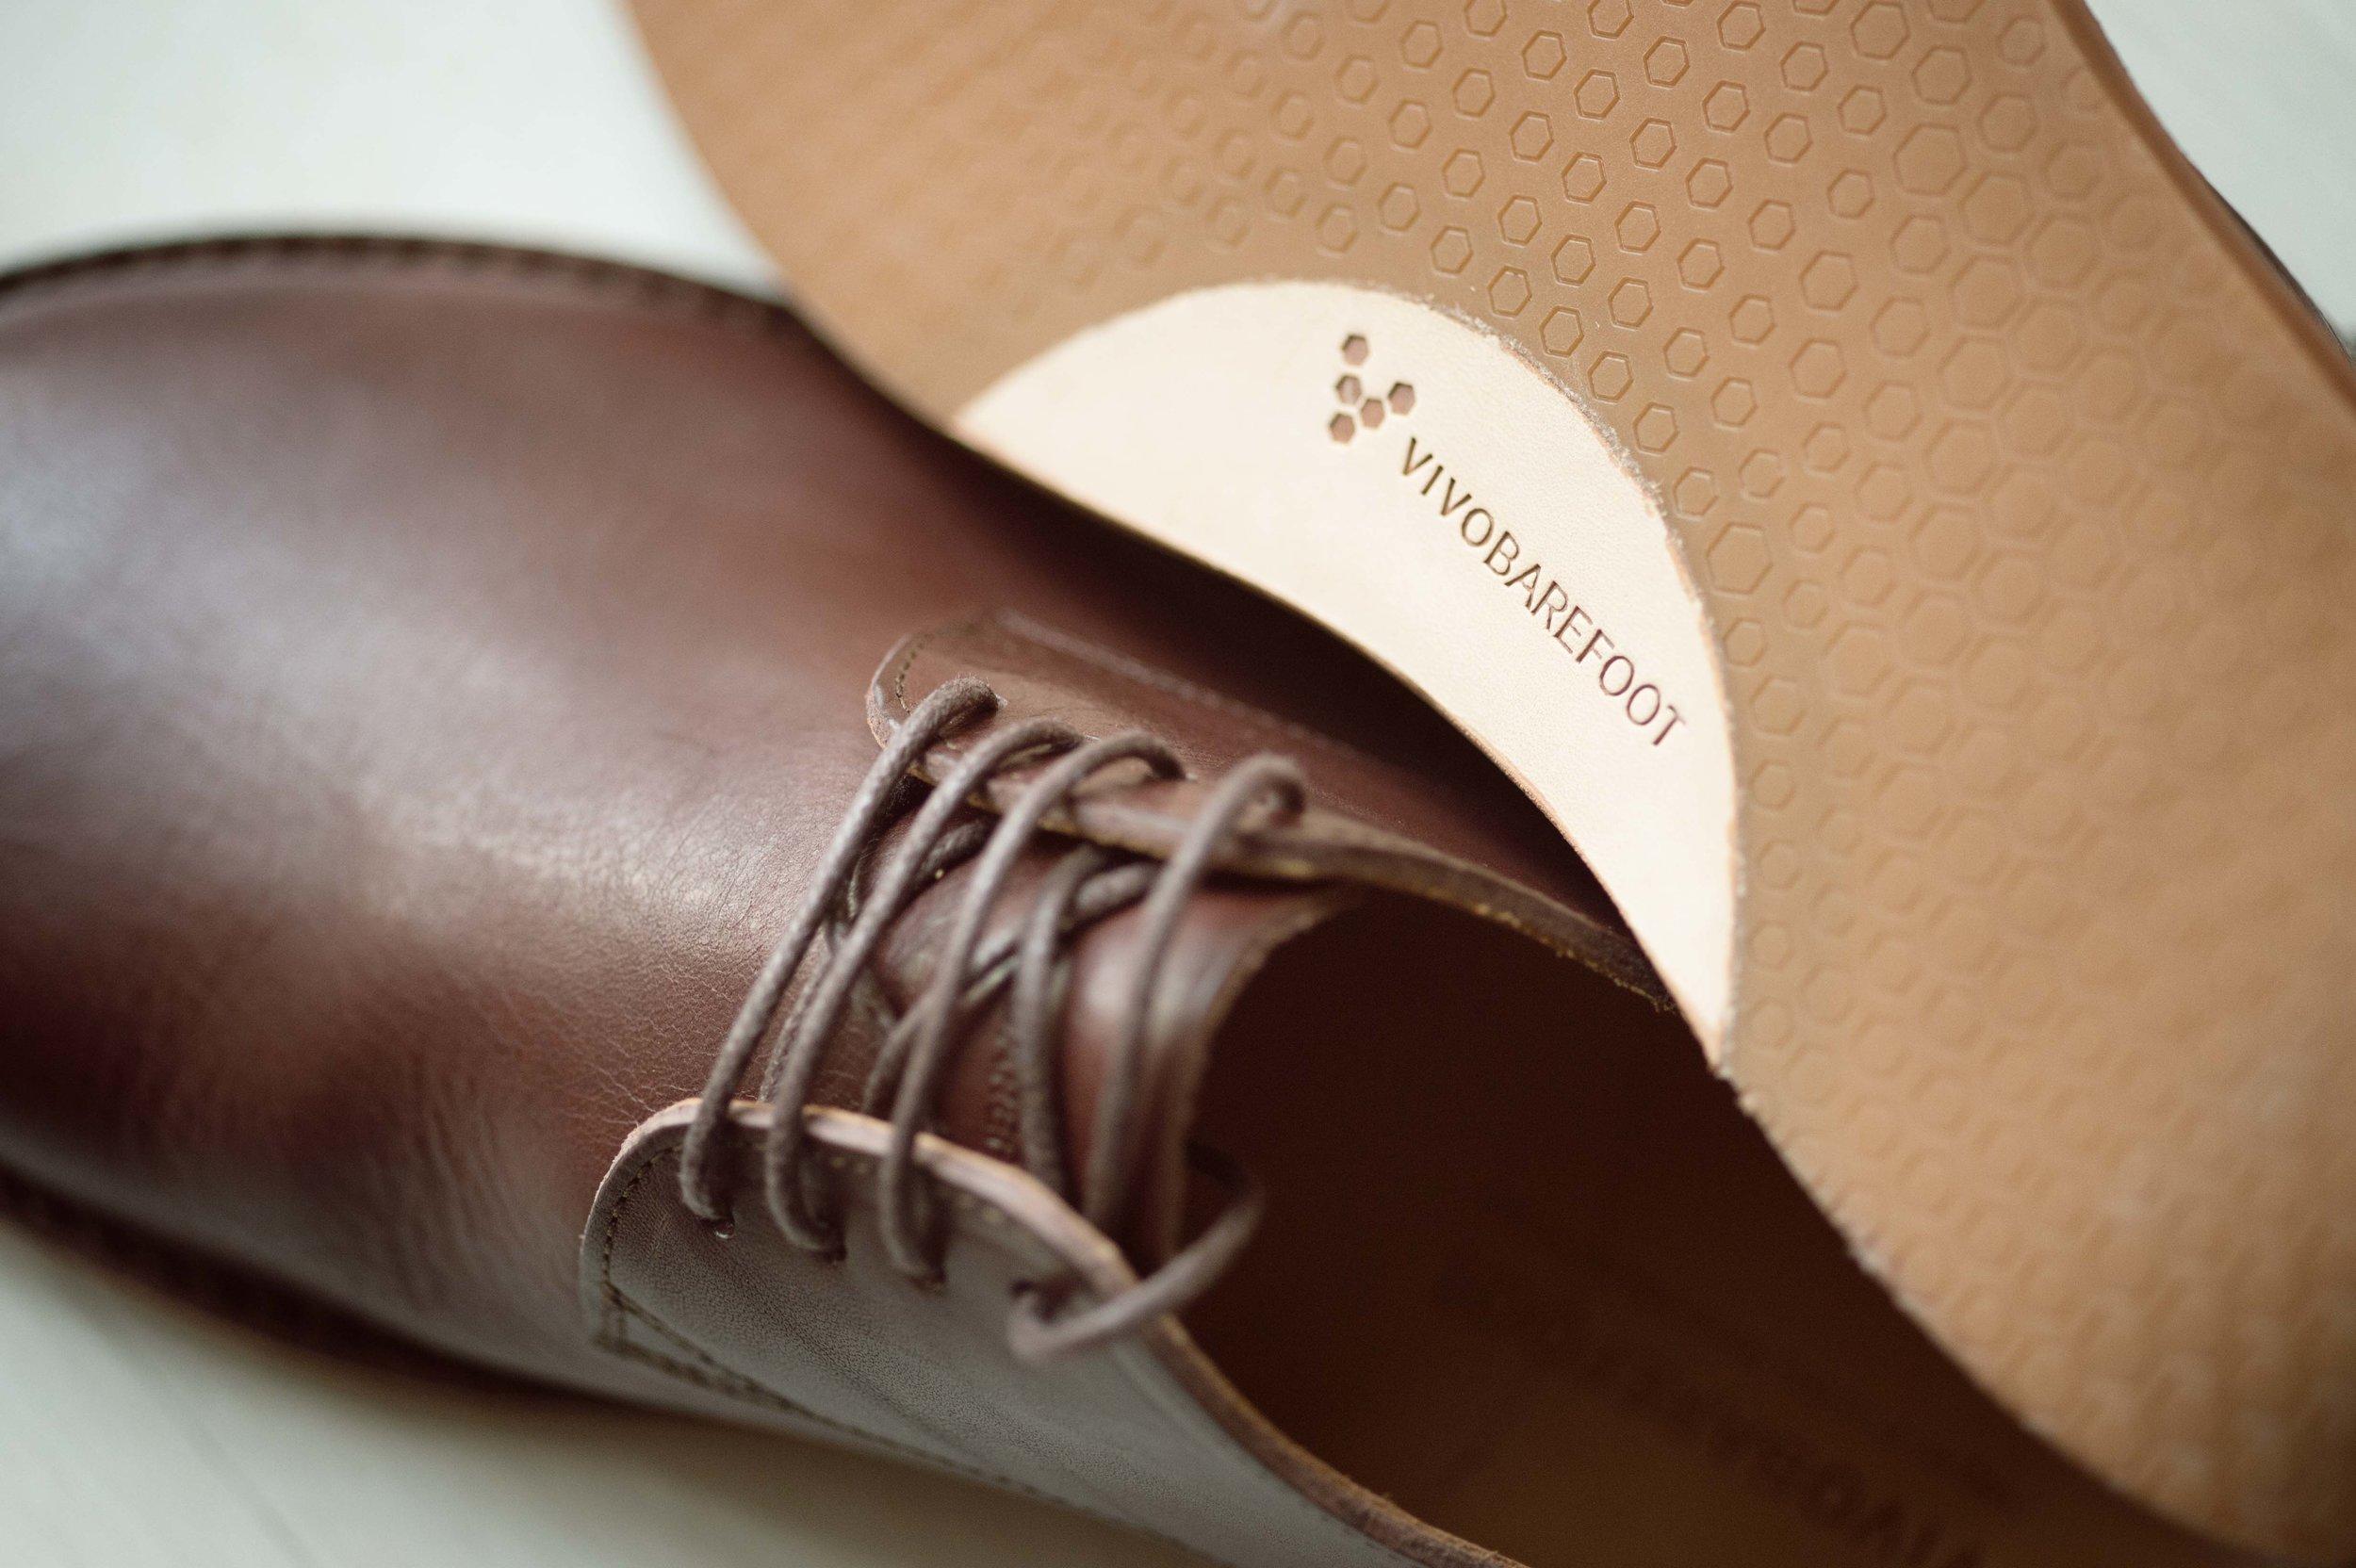 Barefoot_runner_office_shoes_thetrinerd_aniko_towers_photo-17.jpg